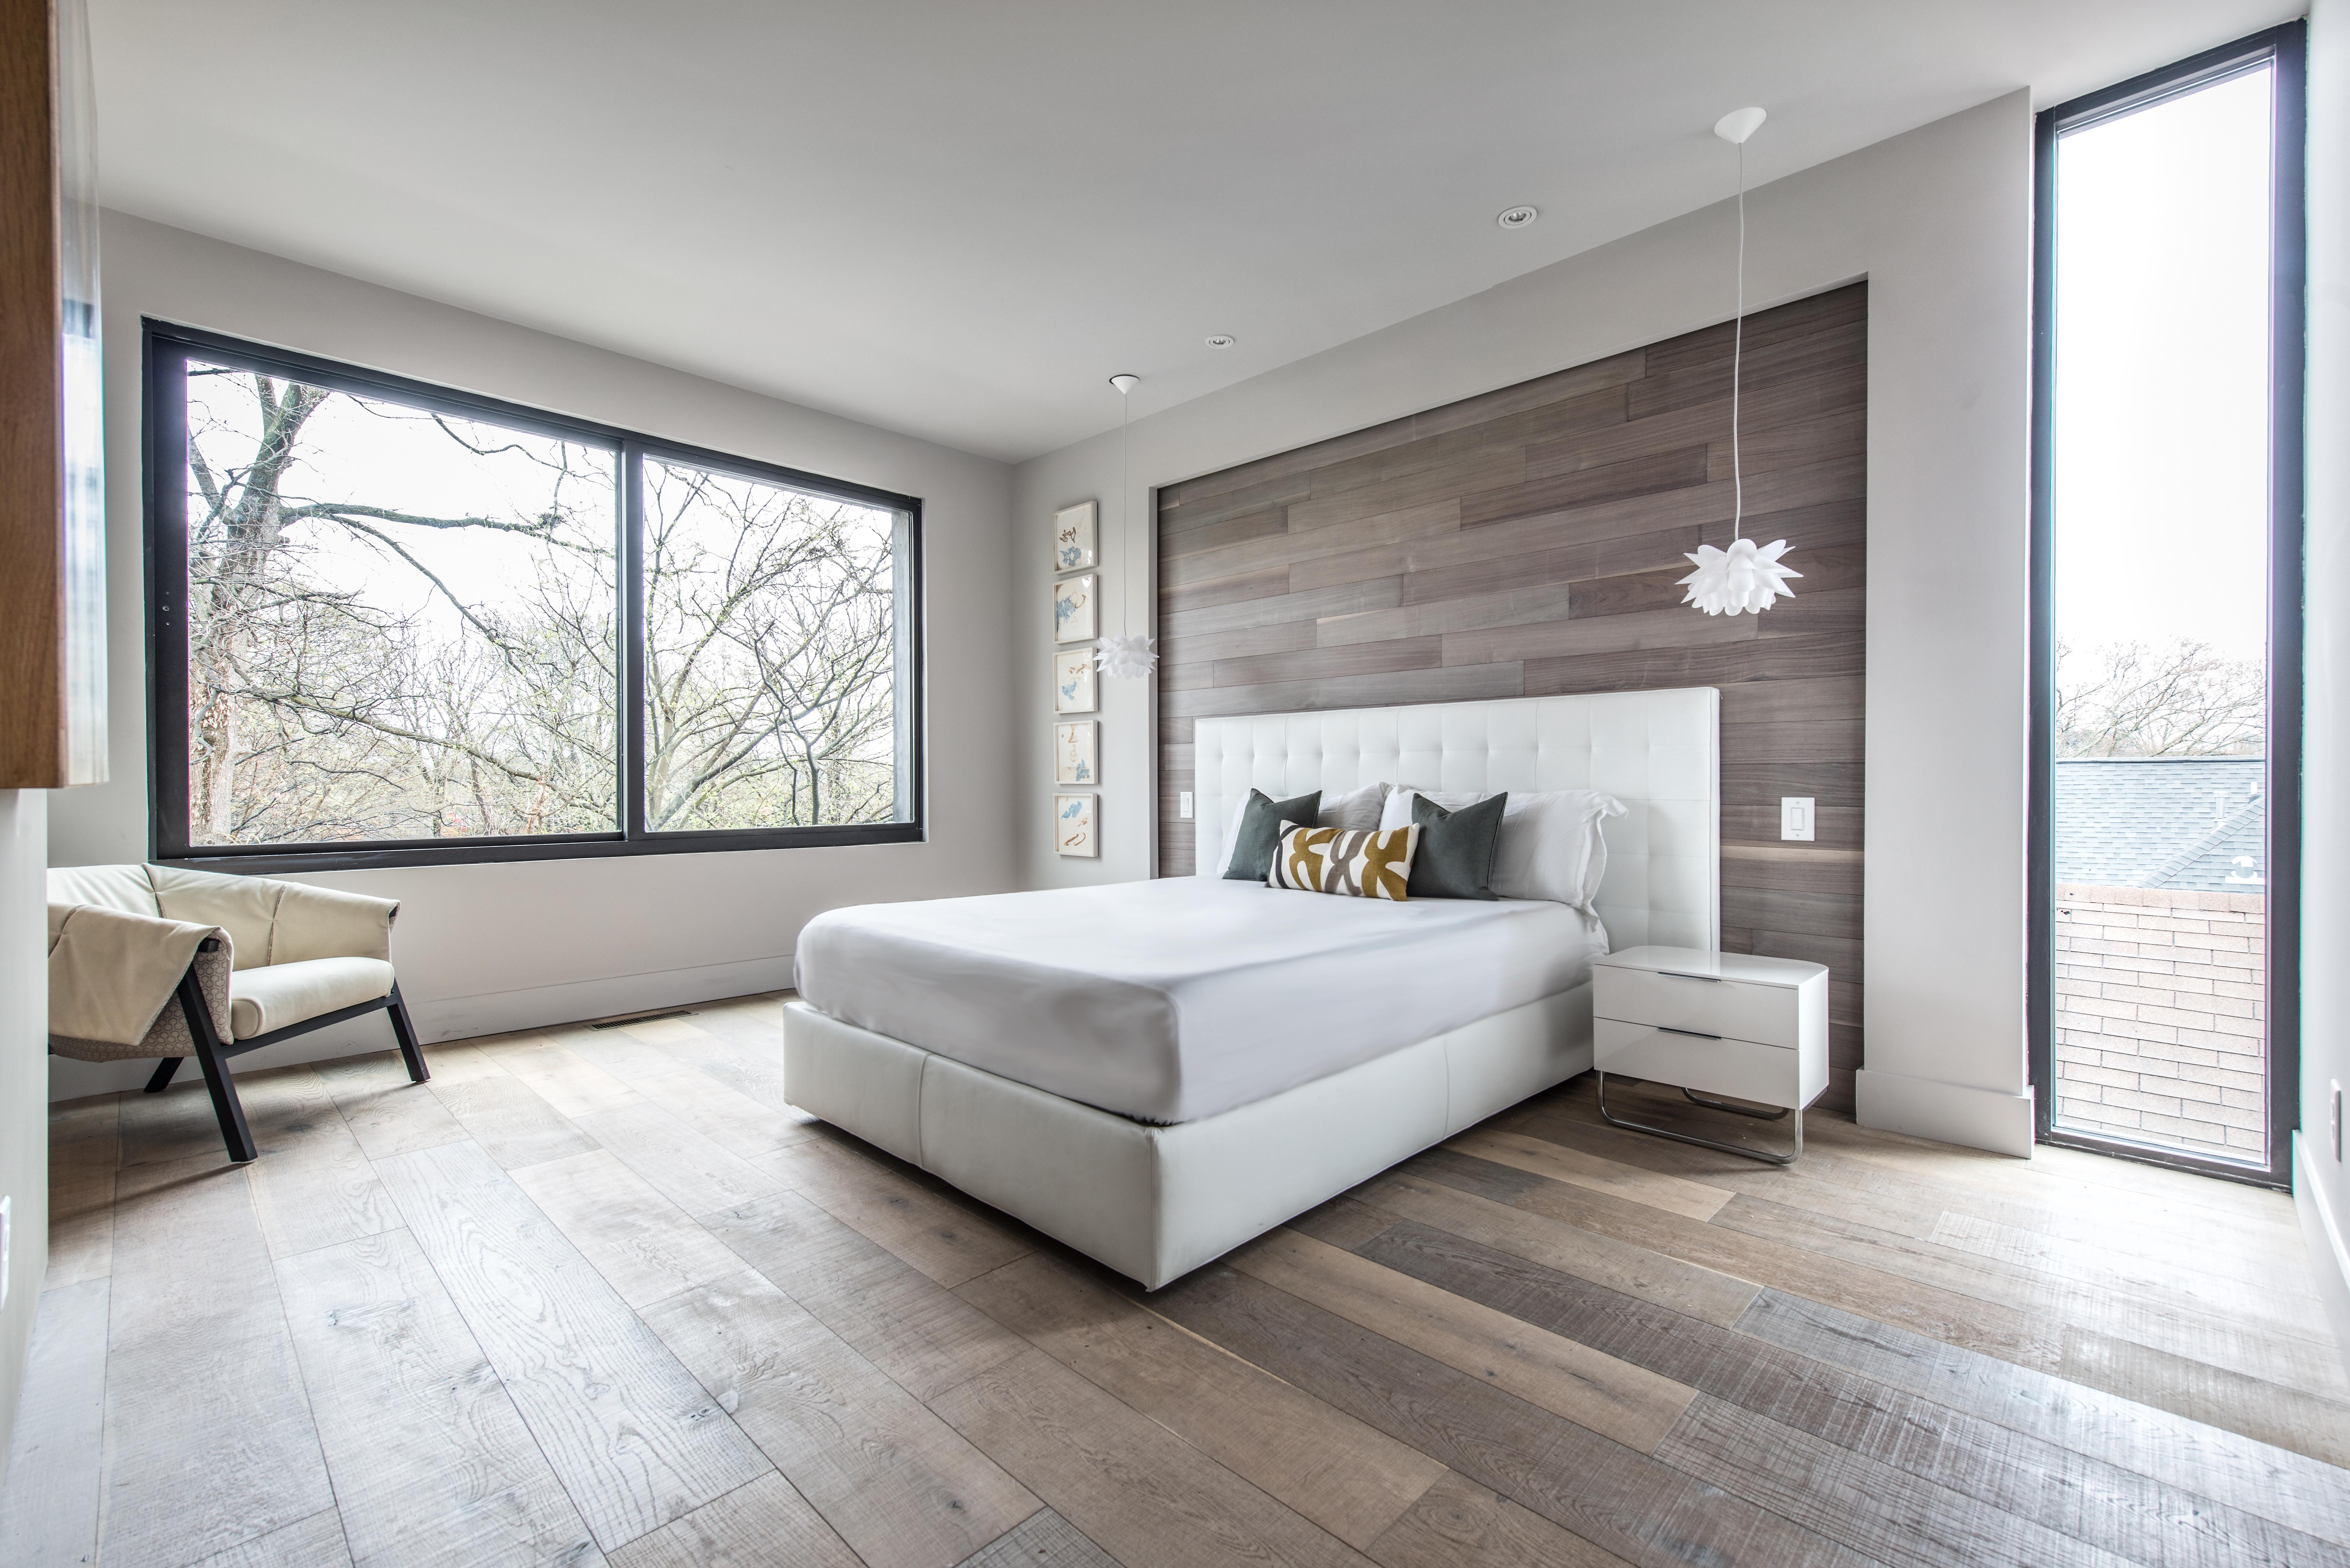 randolph-bedroom